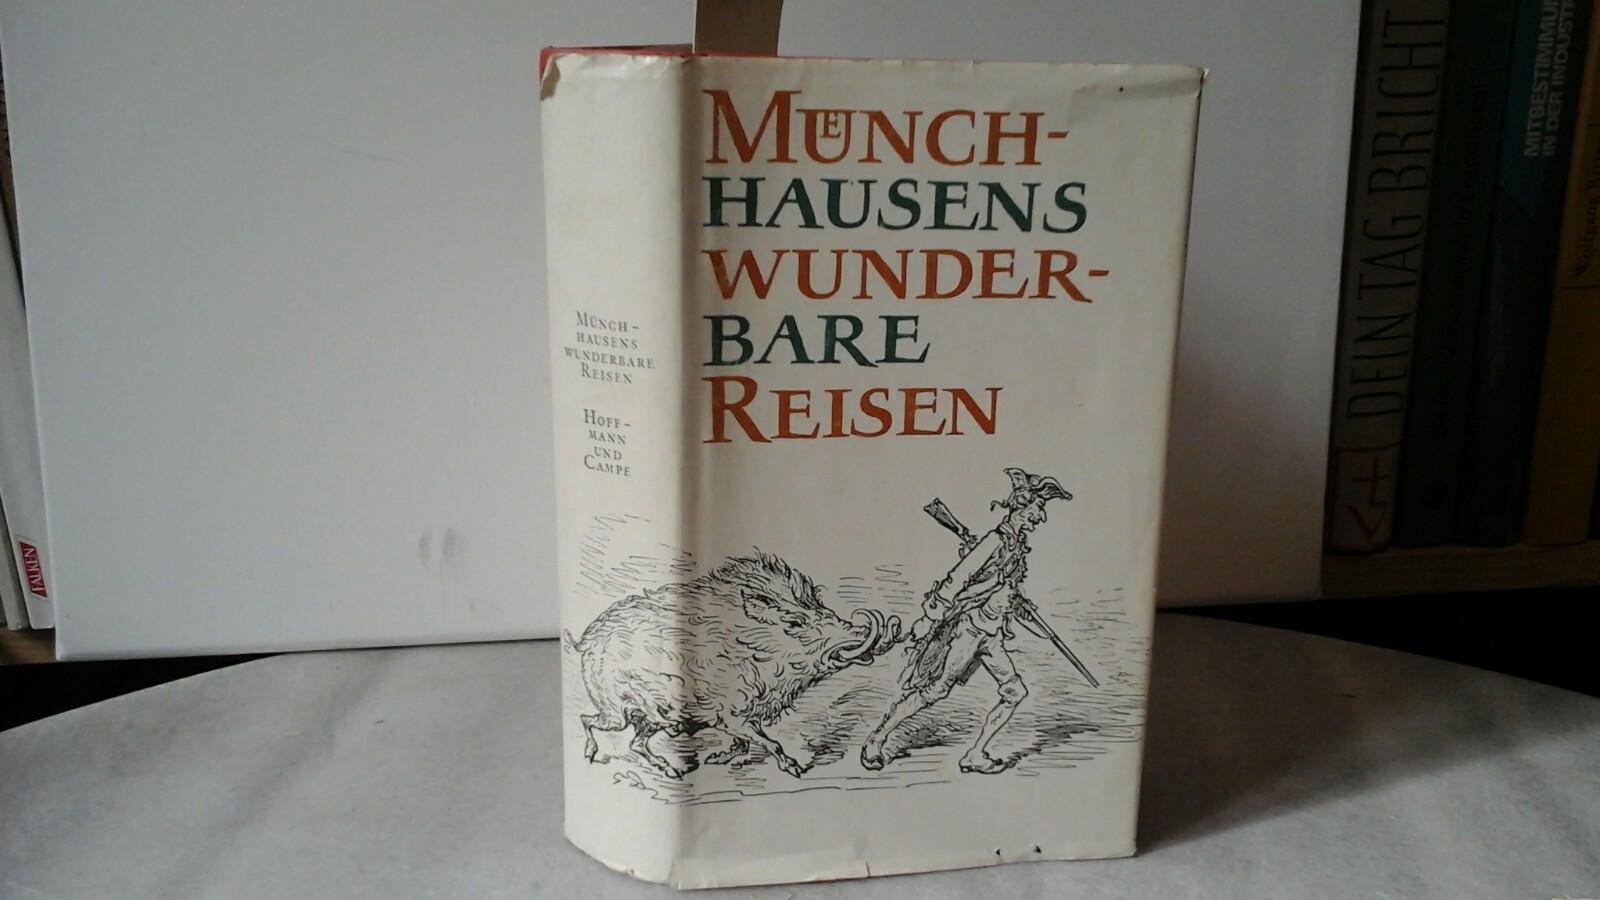 BÜRGER, G.A.: Münchhausens wunderbare Reisen. Die phantastischen Geschichten des Lügenbarons und seiner Nachfolger. (Hrsg. und mit einem Nachwort von Erwin Wackermann.